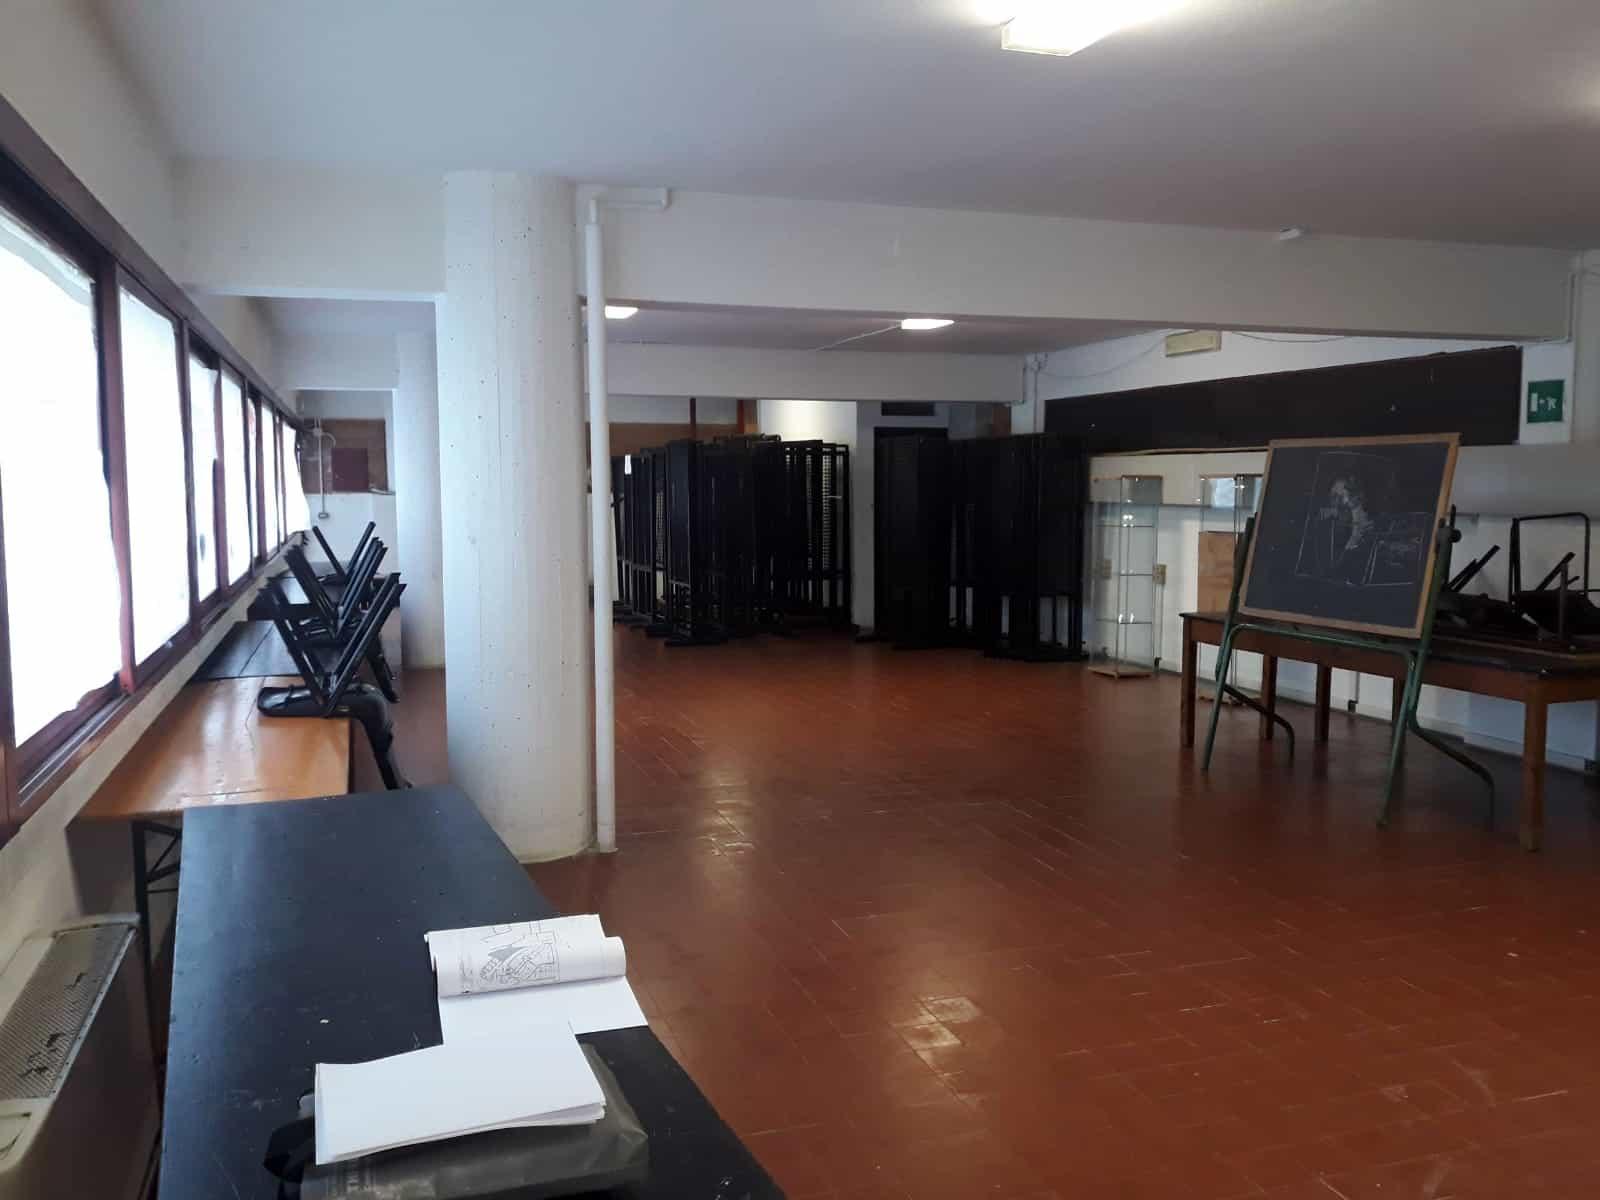 centro civico 03-2